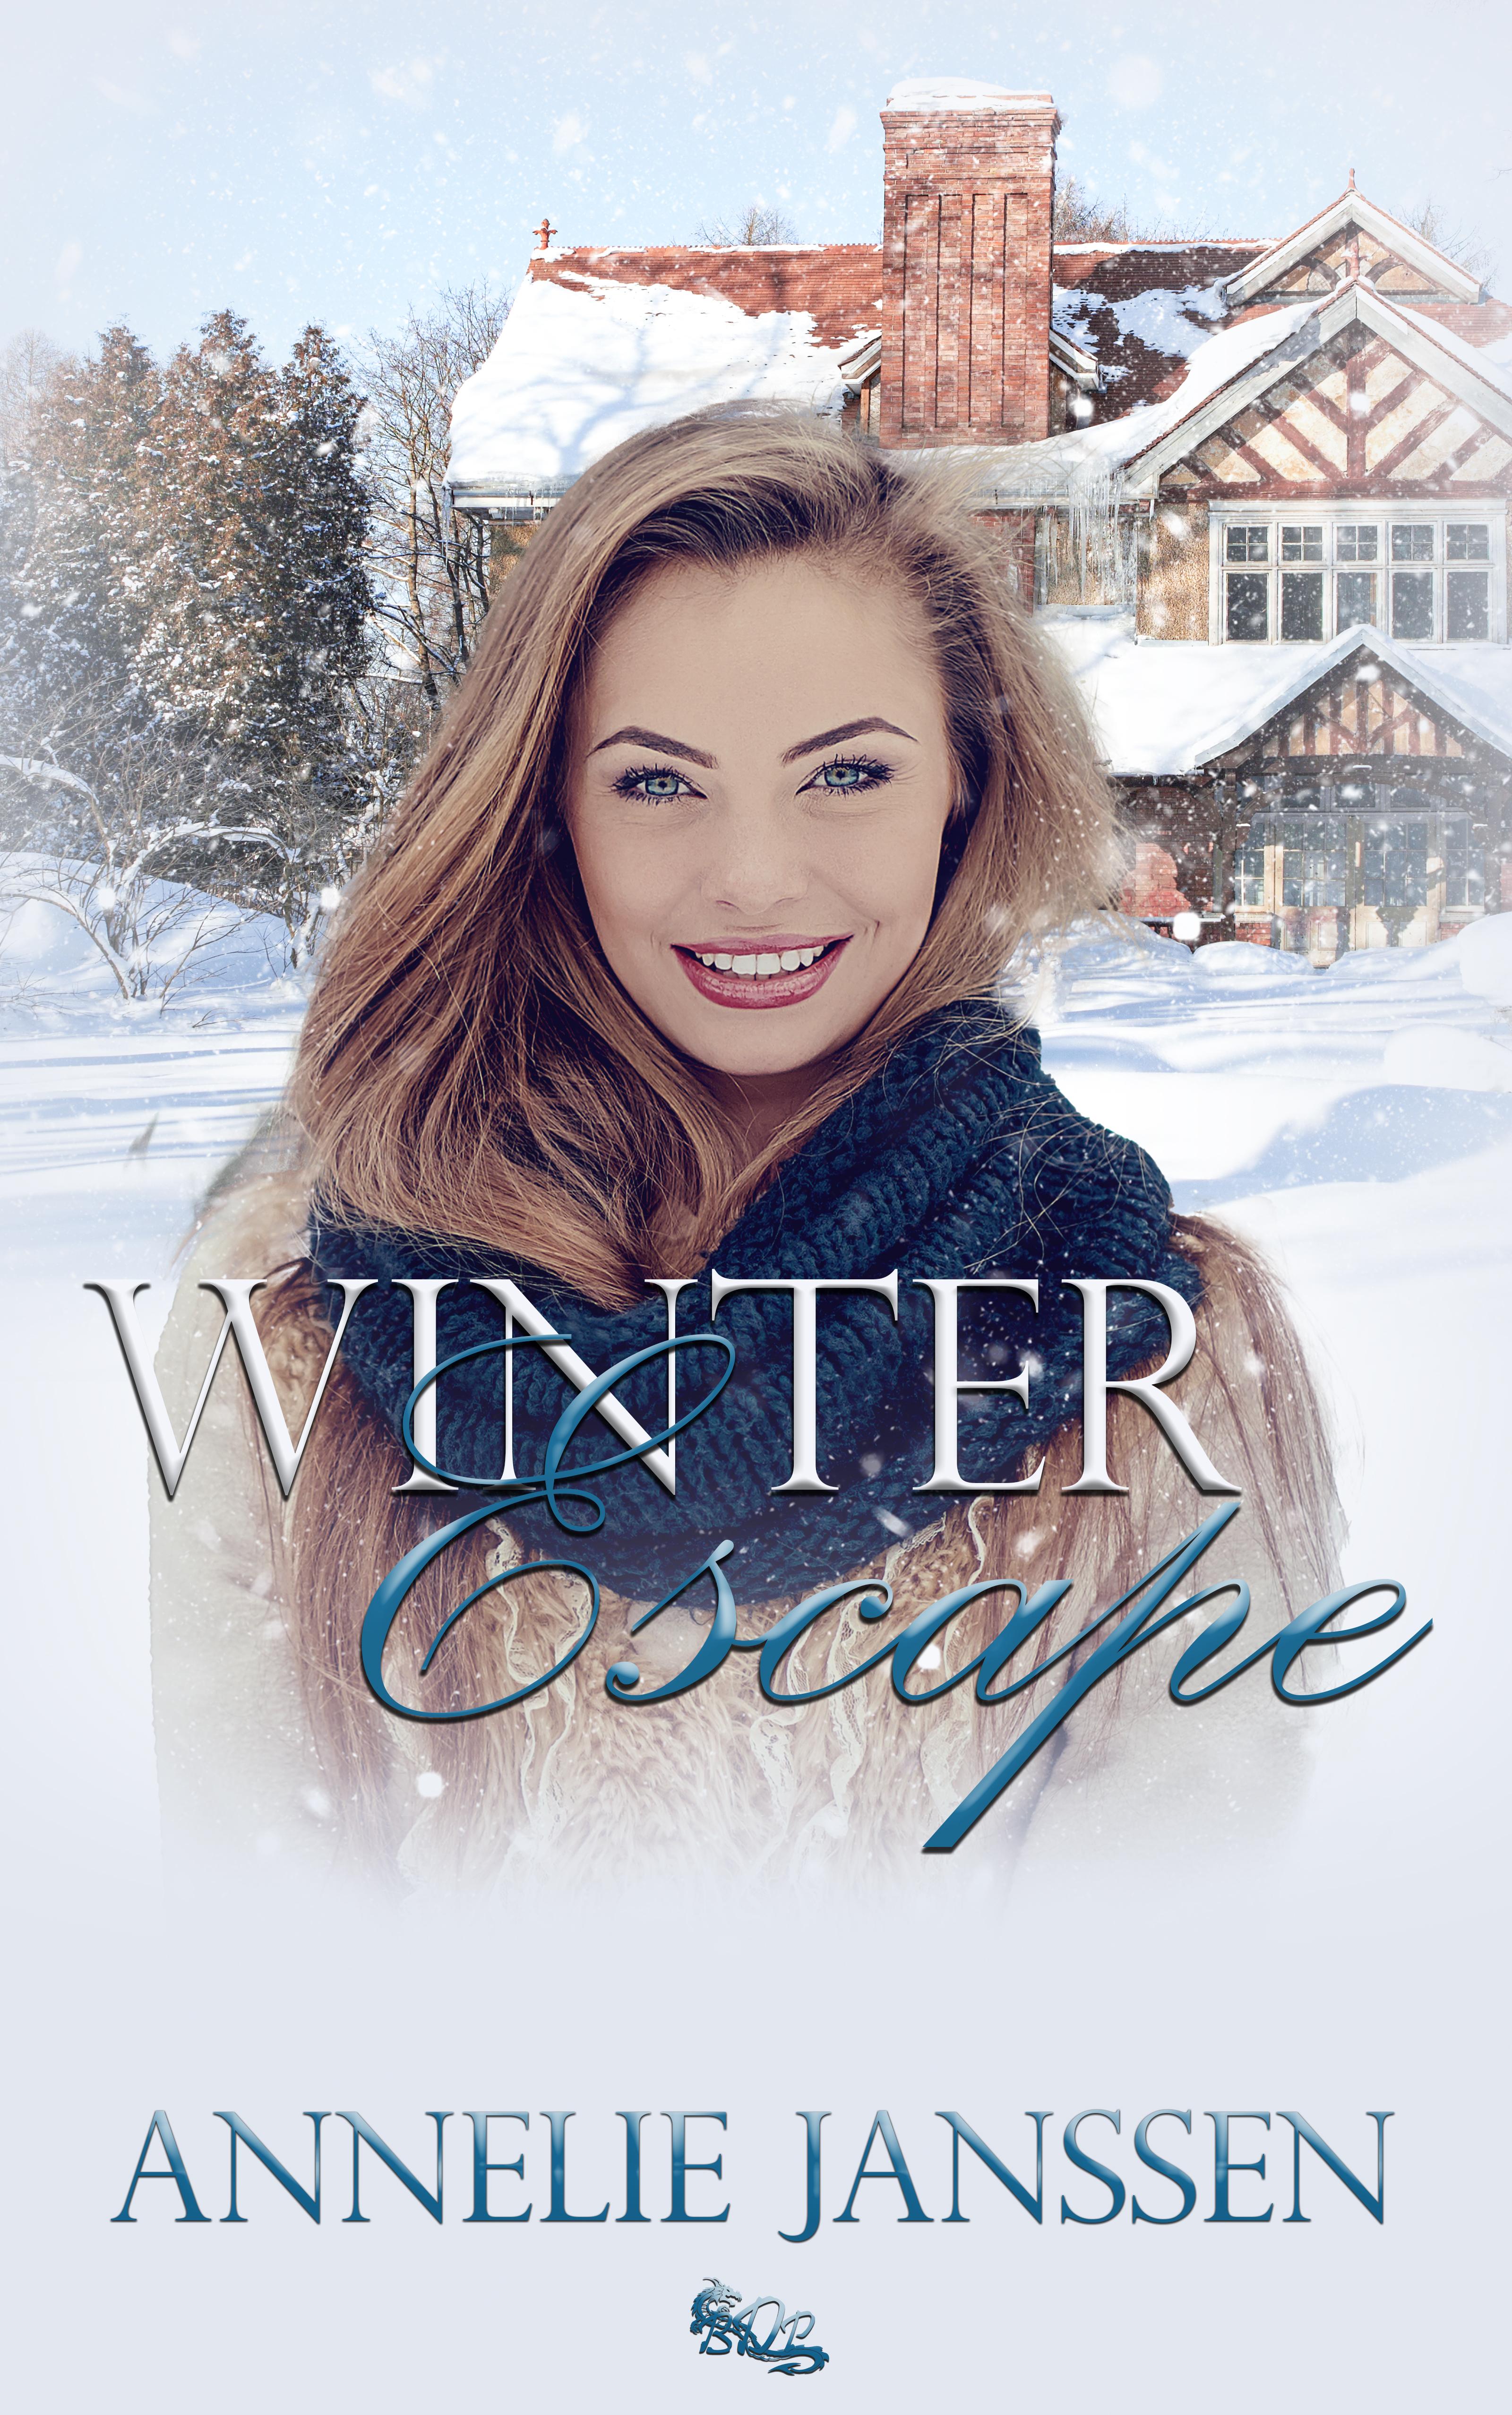 Winter Escape, Annelie Janssen, Butterdragons